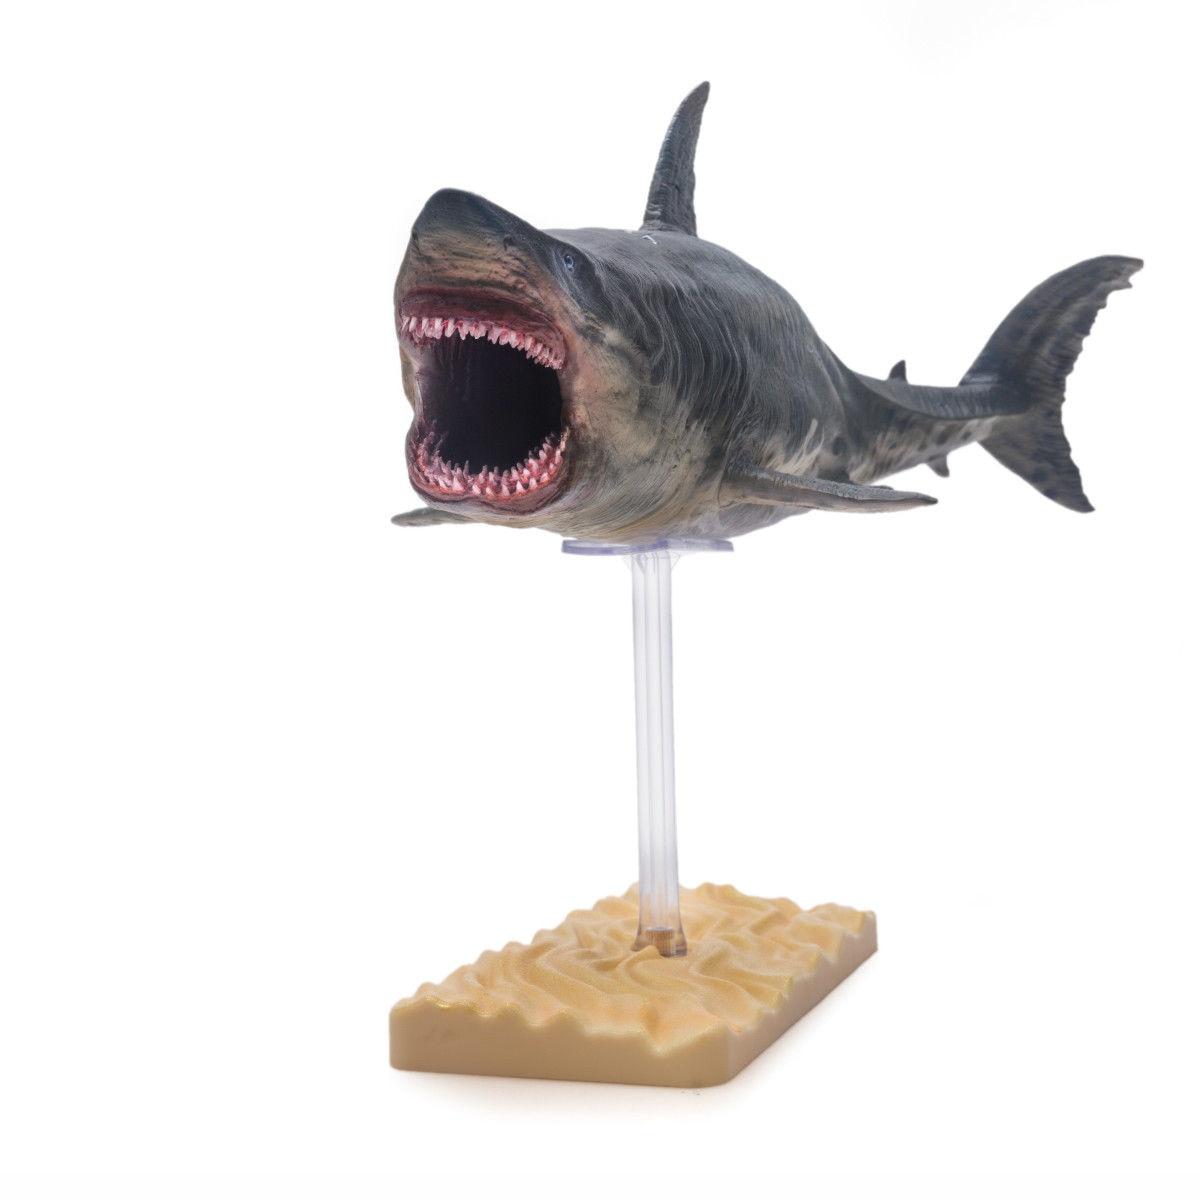 PNSO 1:35 Megalodon modèle Figure préhistorique océan Animal avec Base adulte enfants Collection Science éducation jouets cadeau décor à la maison